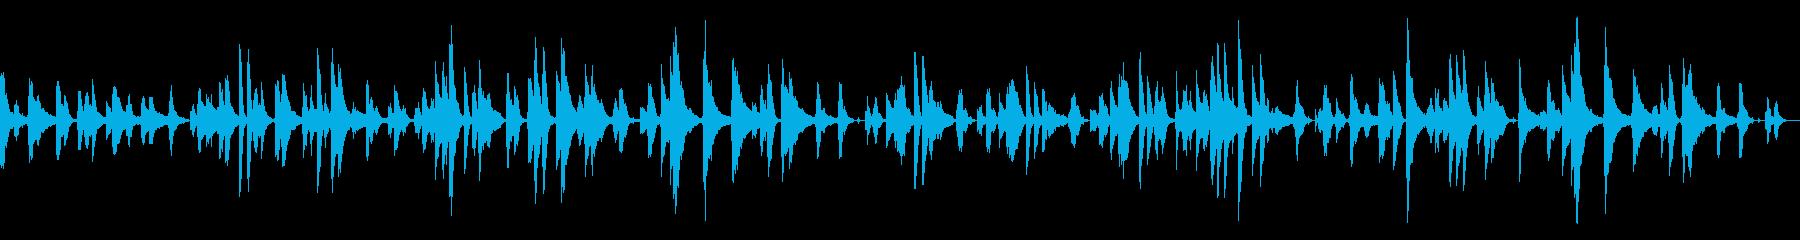 ピアノトリオによるボサノヴァ~ループ可~の再生済みの波形